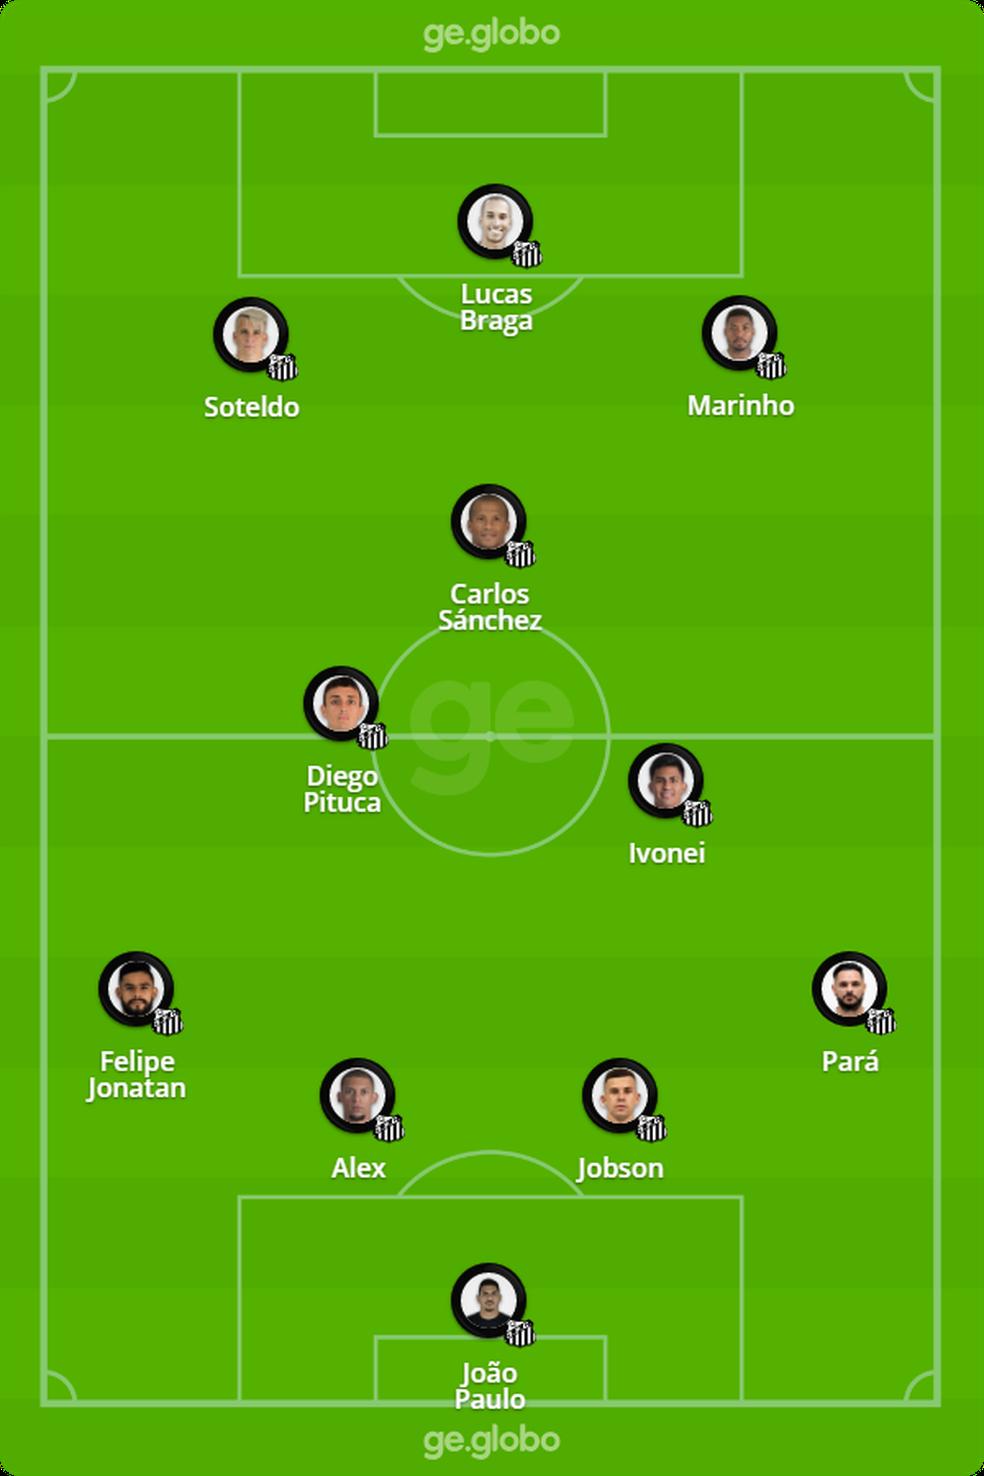 Provável escalação do Santos para jogo contra o Atlético-MG — Foto: ge